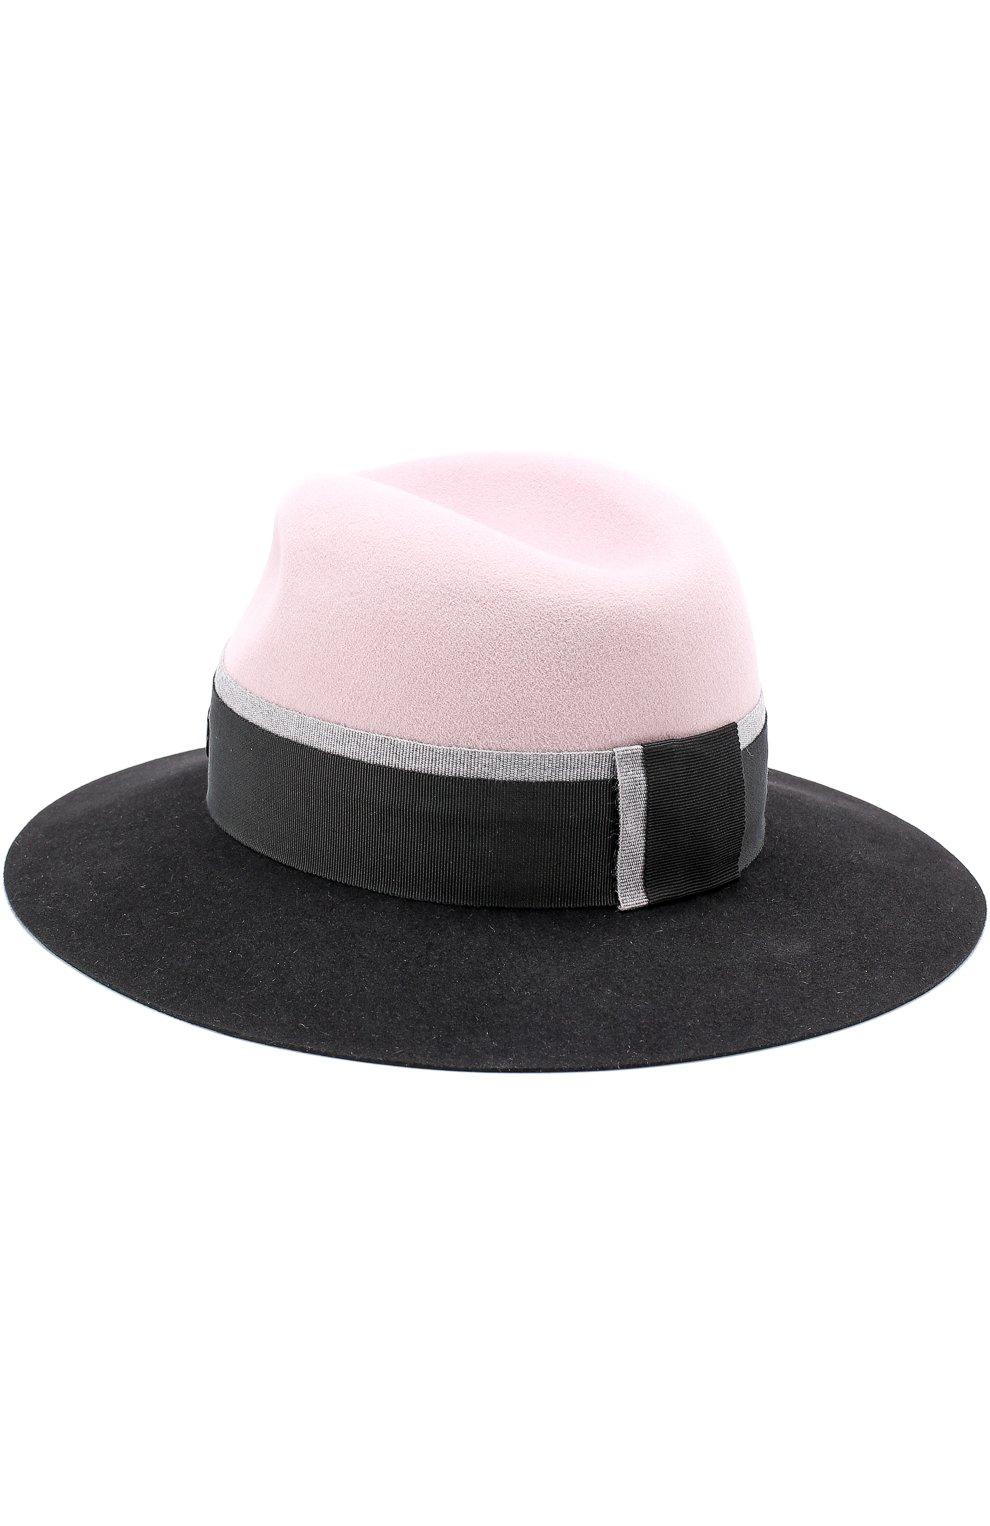 Фетровая шляпа Henrietta с лентой Maison Michel розового цвета | Фото №2